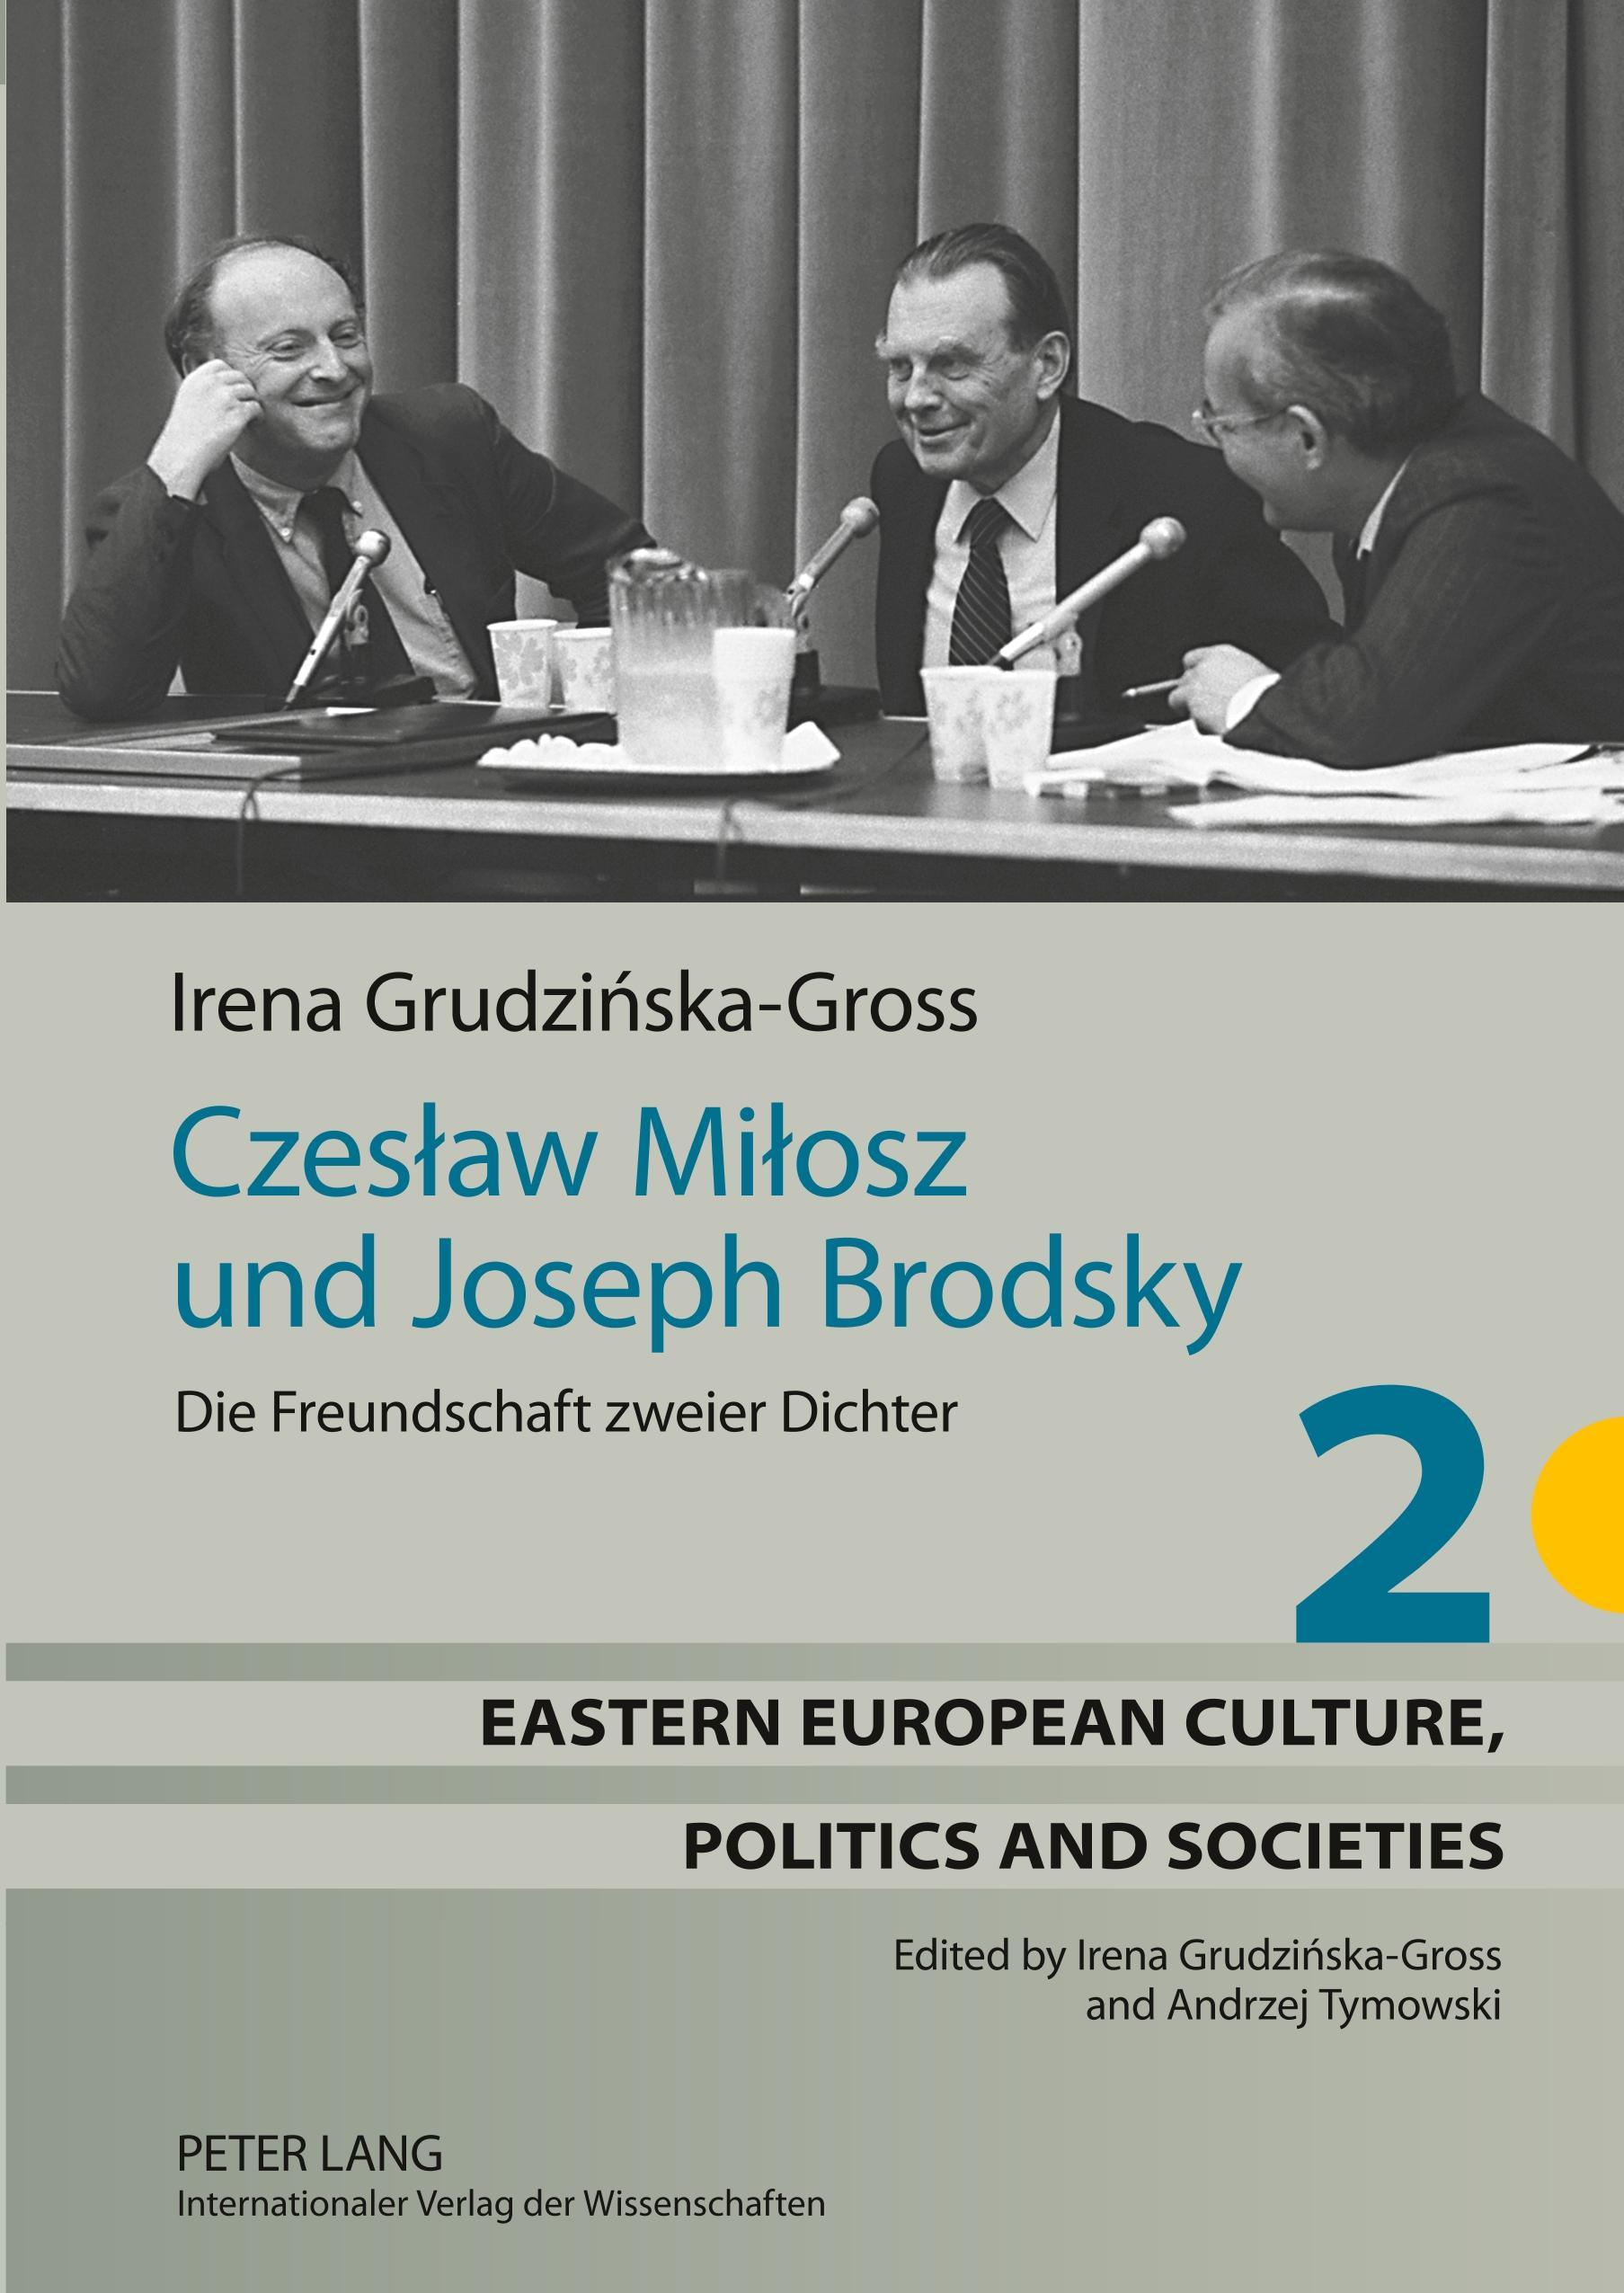 Czeslaw Milosz und Joseph Brodsky Irena Grudzinska-Gross